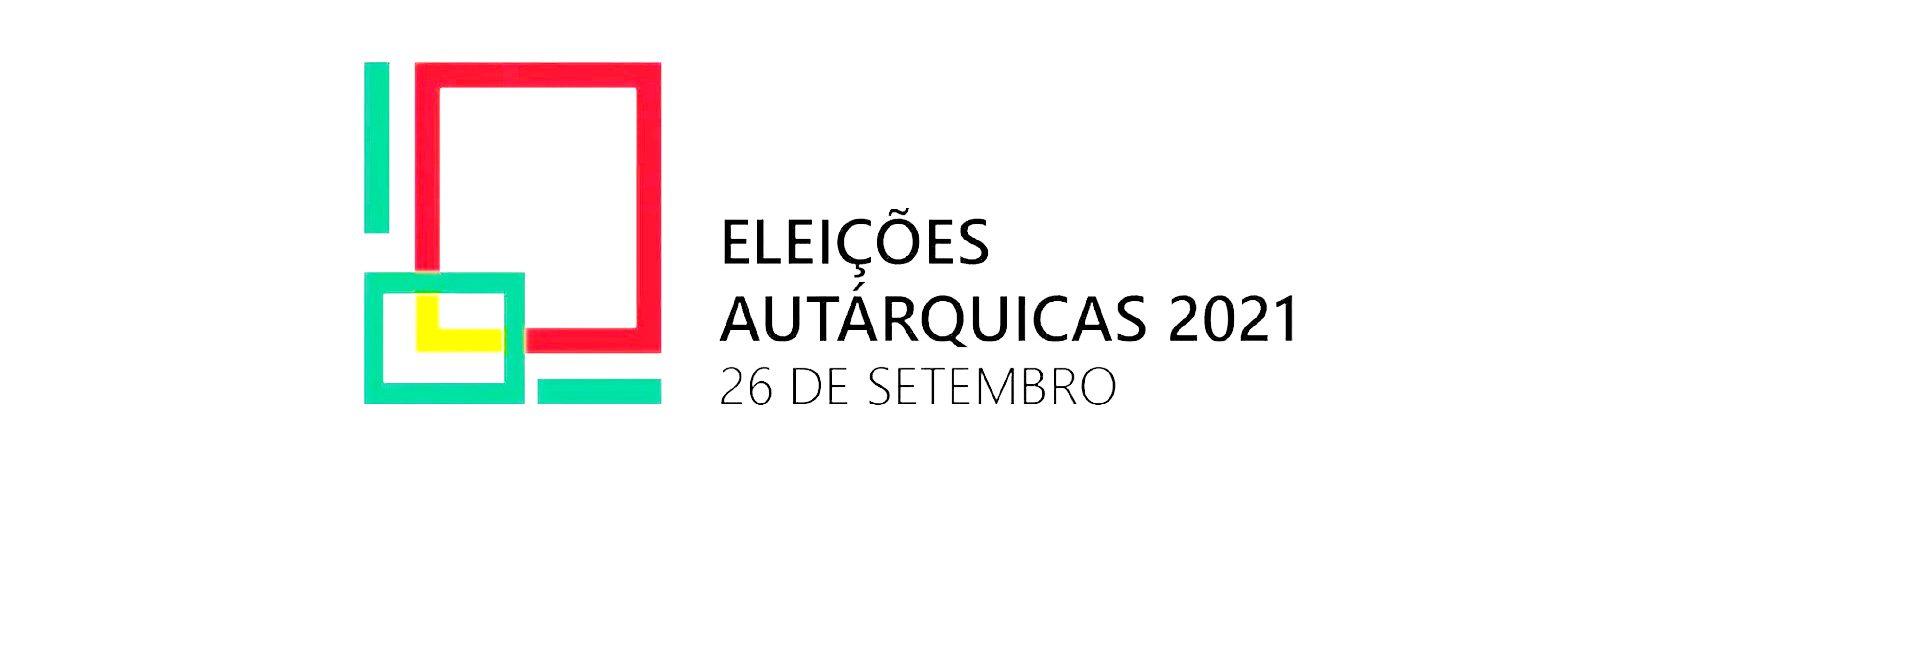 autarquicas_260921